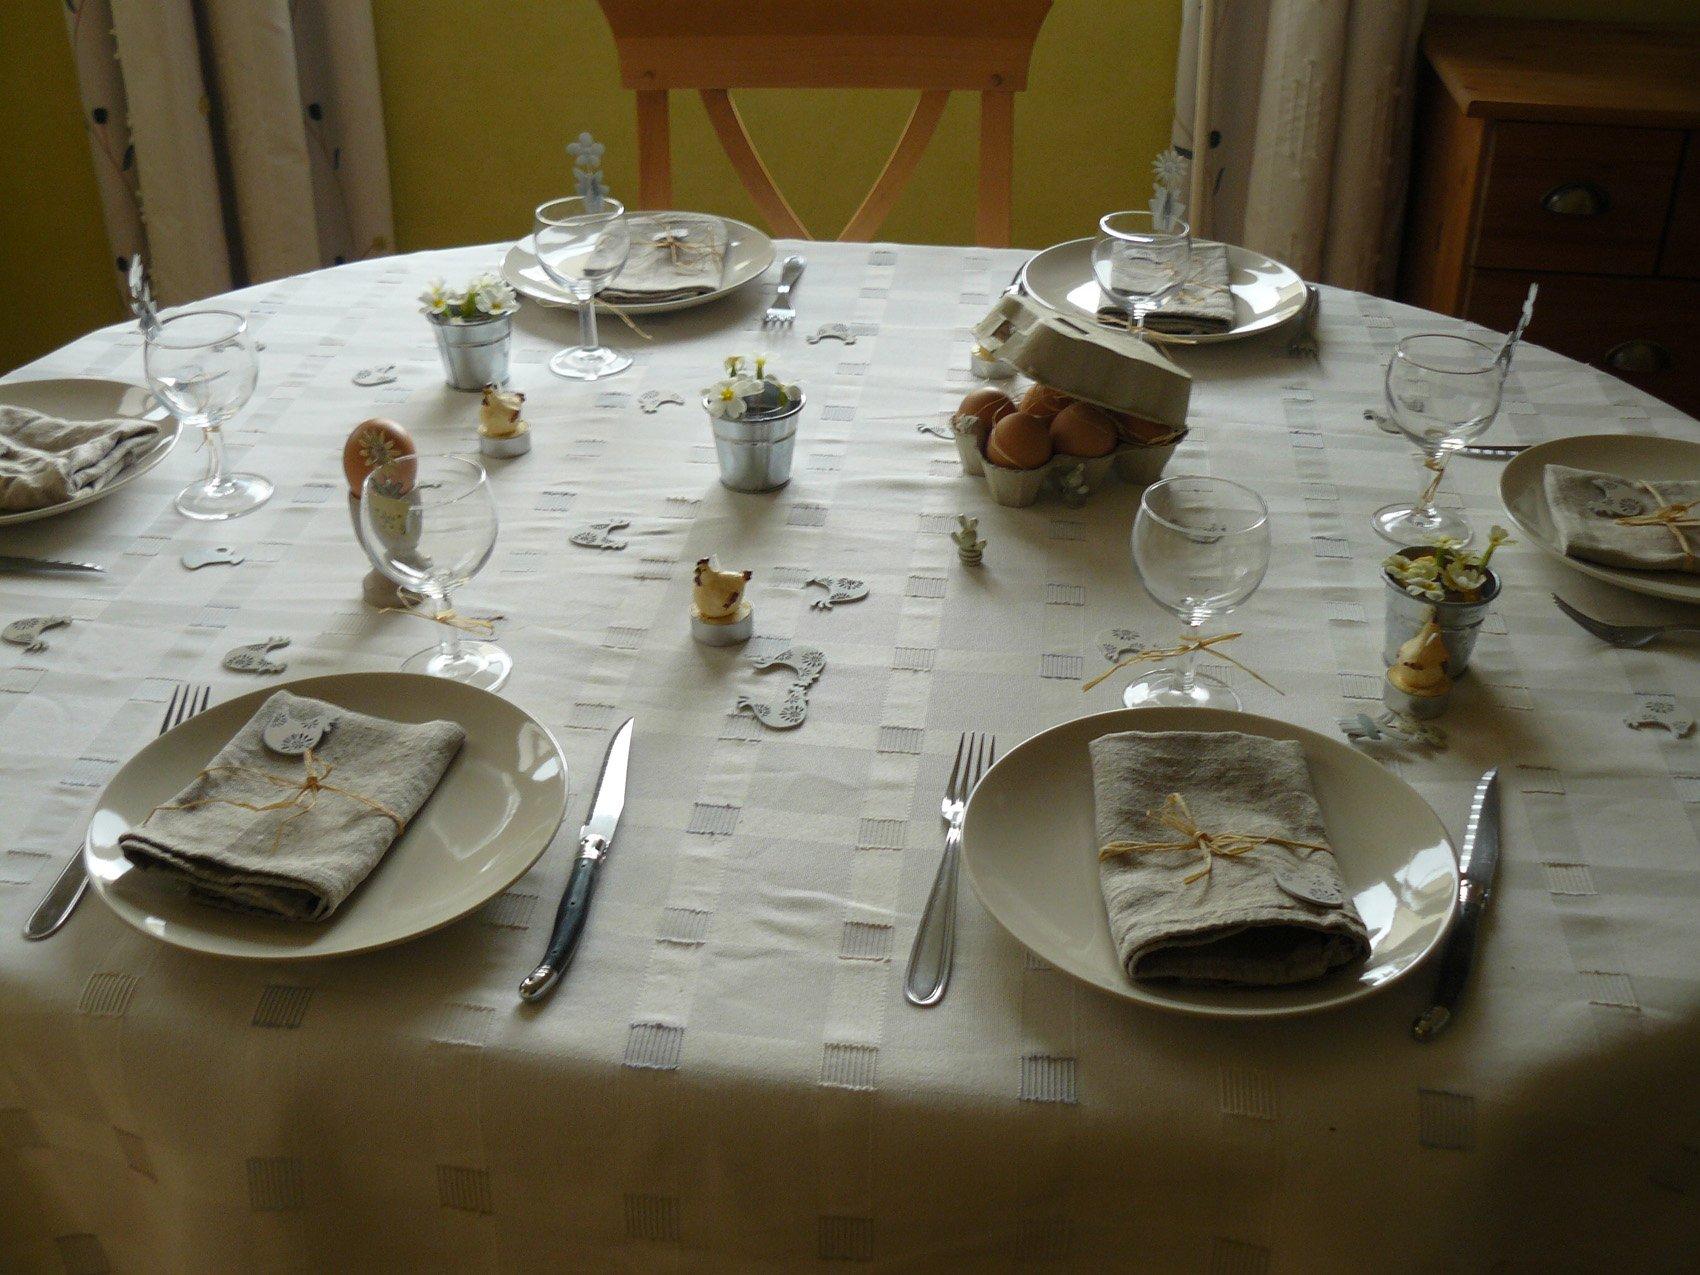 D Coration De Table Les Bricolages D Isa Pour La D Coration De Table